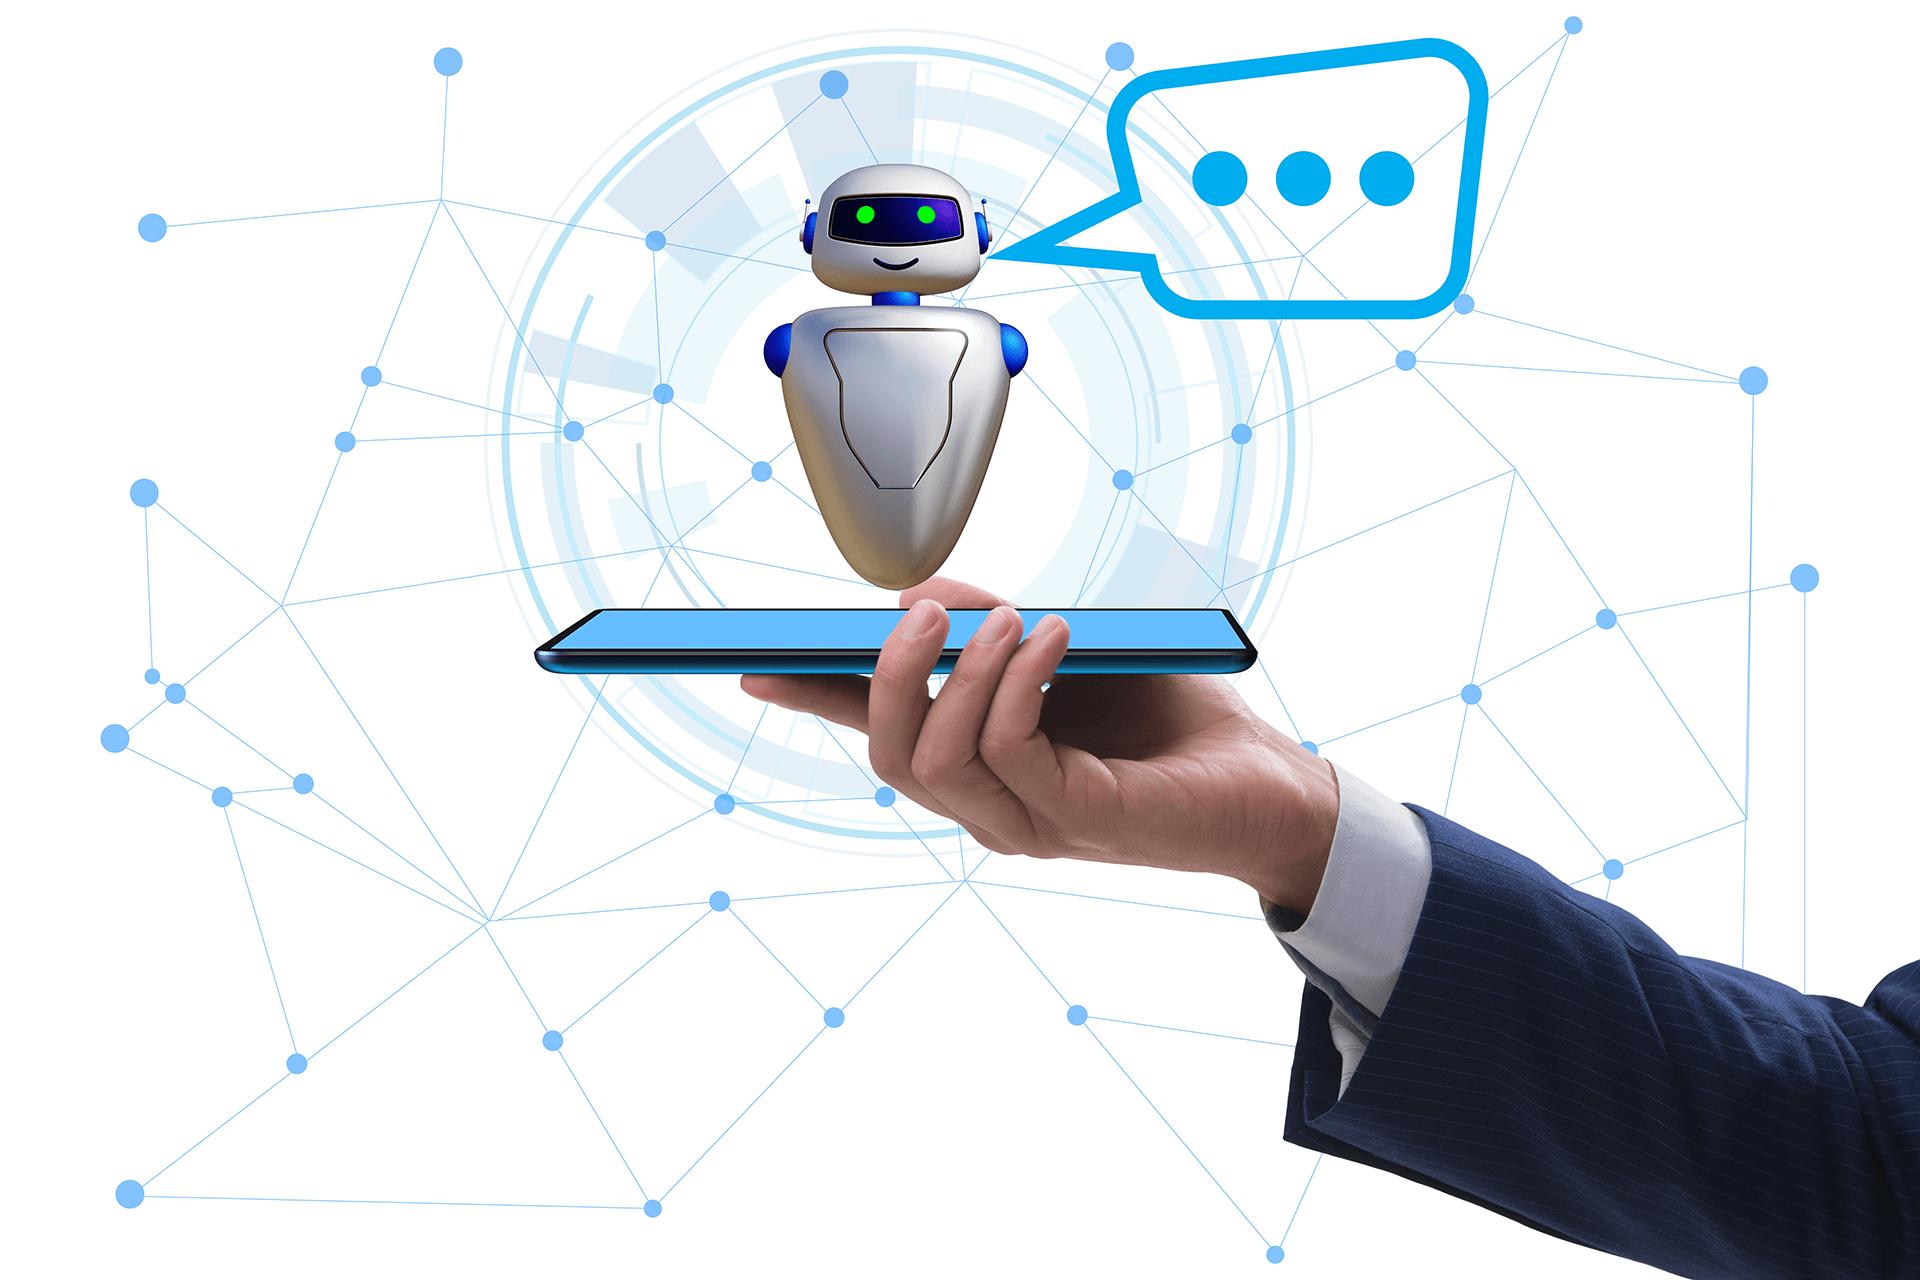 カスタマーサポートに将来性はある?AIの台頭による今後について